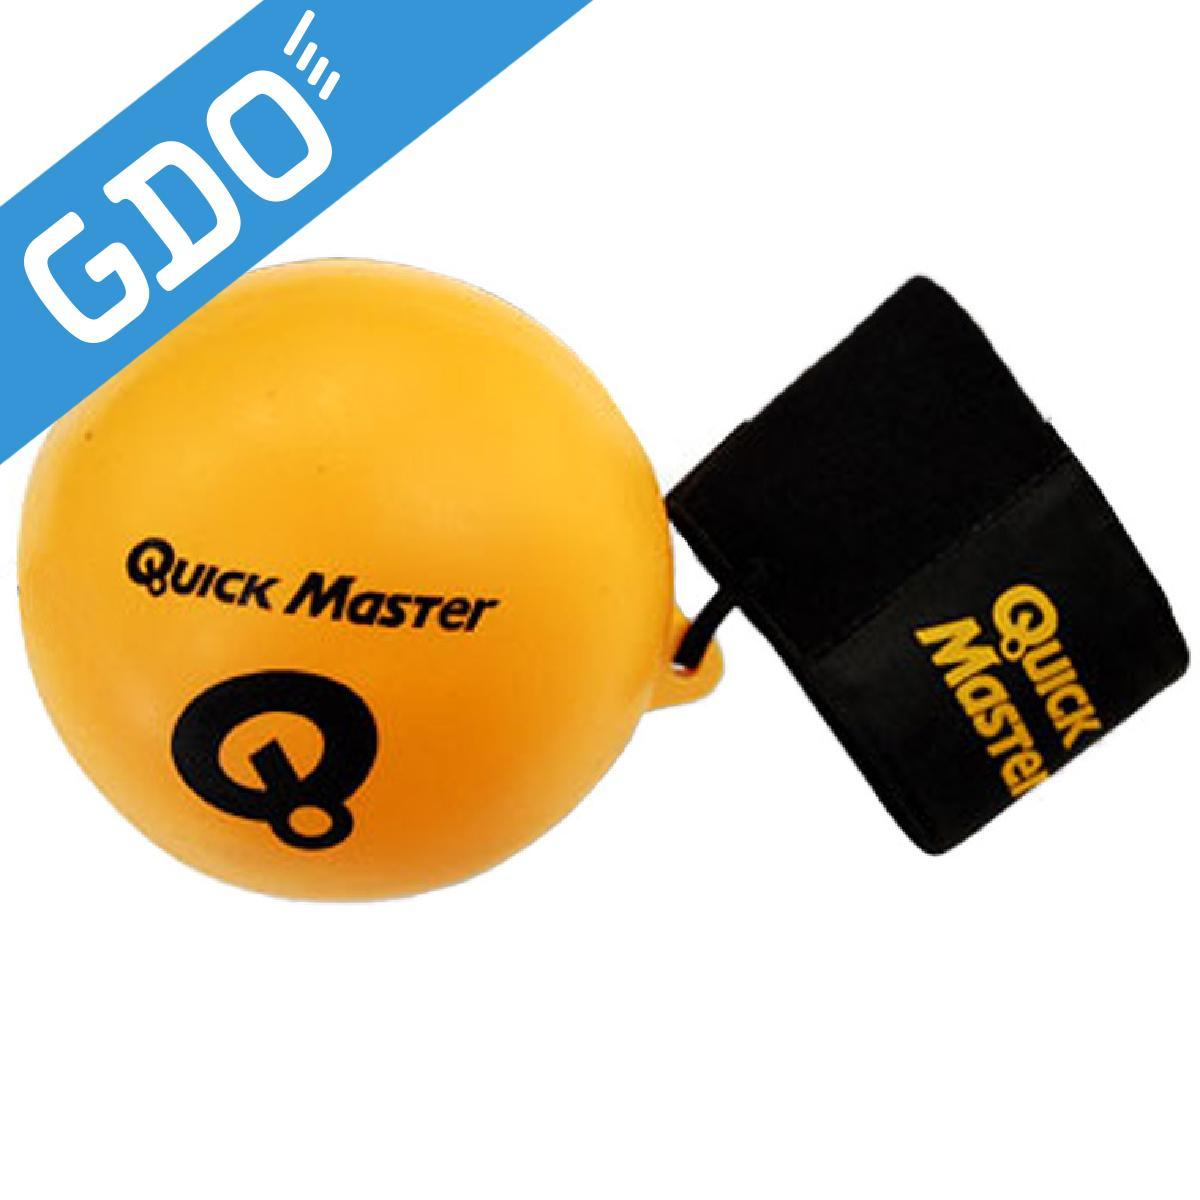 ゴルフ トレーニング用具 贈呈 GDO GOLF Quick 超美品再入荷品質至上 Master ライト QMMG 91 NT62 パーフェクトローテーション